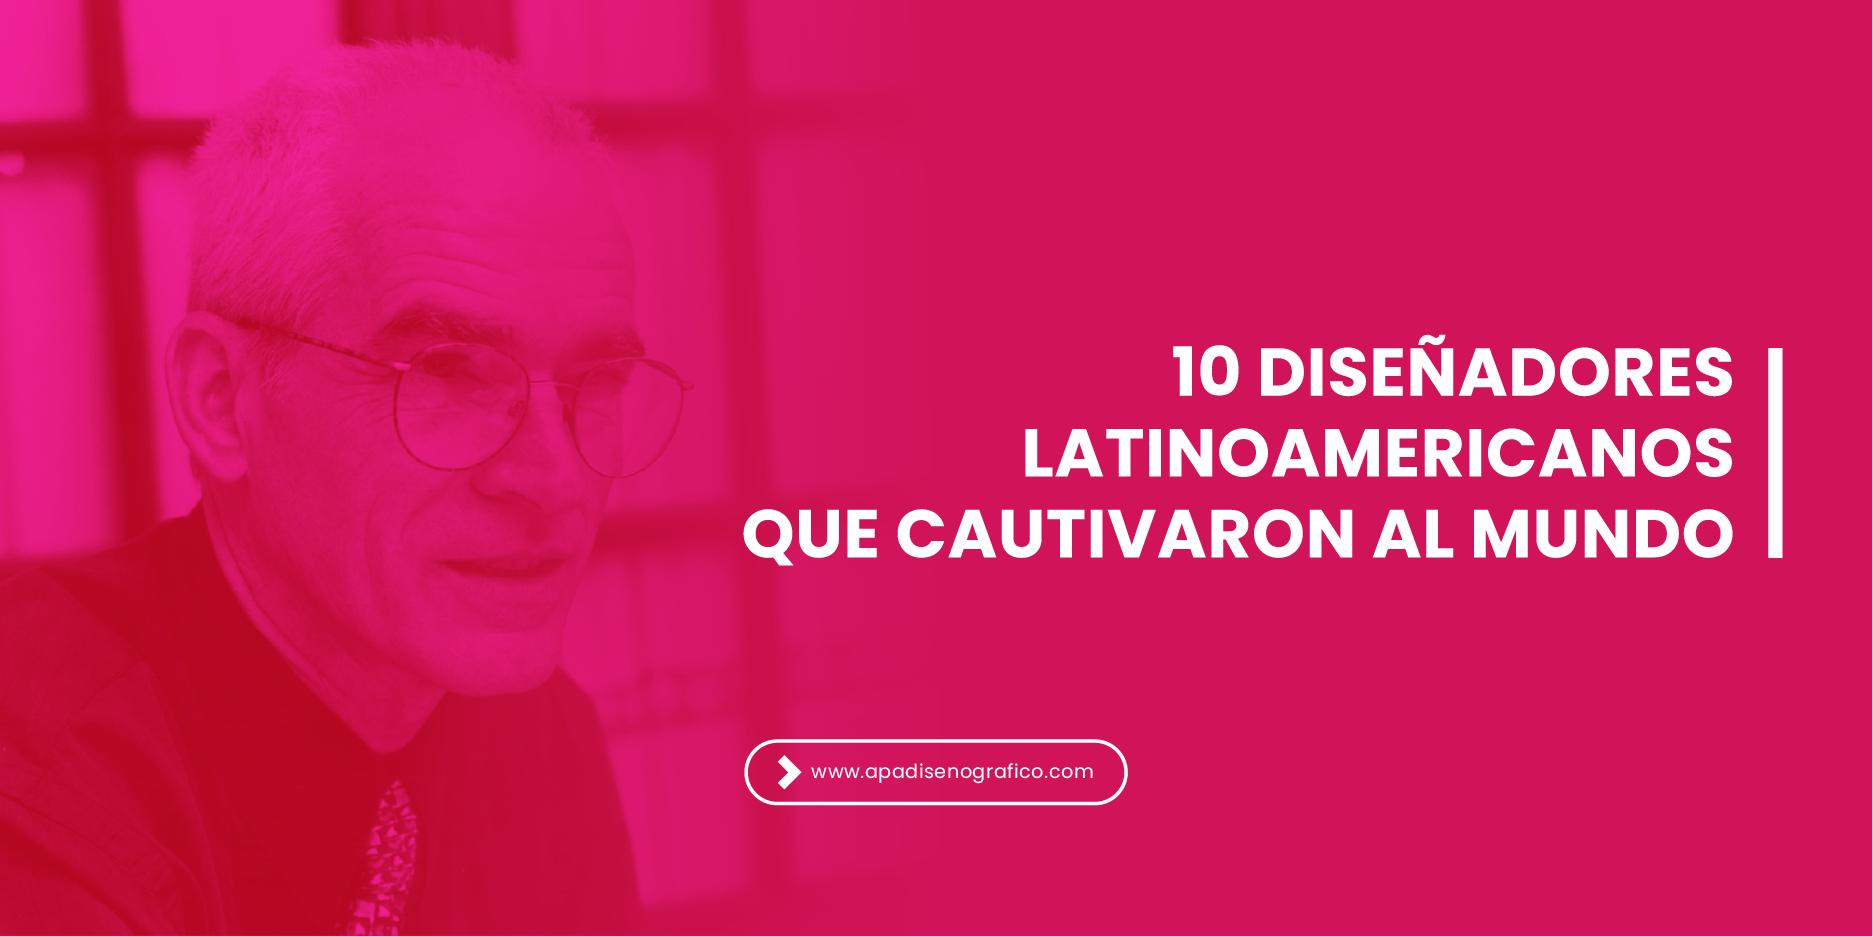 10 famosos diseñadores latinoamericanos que cautivaron al mundo